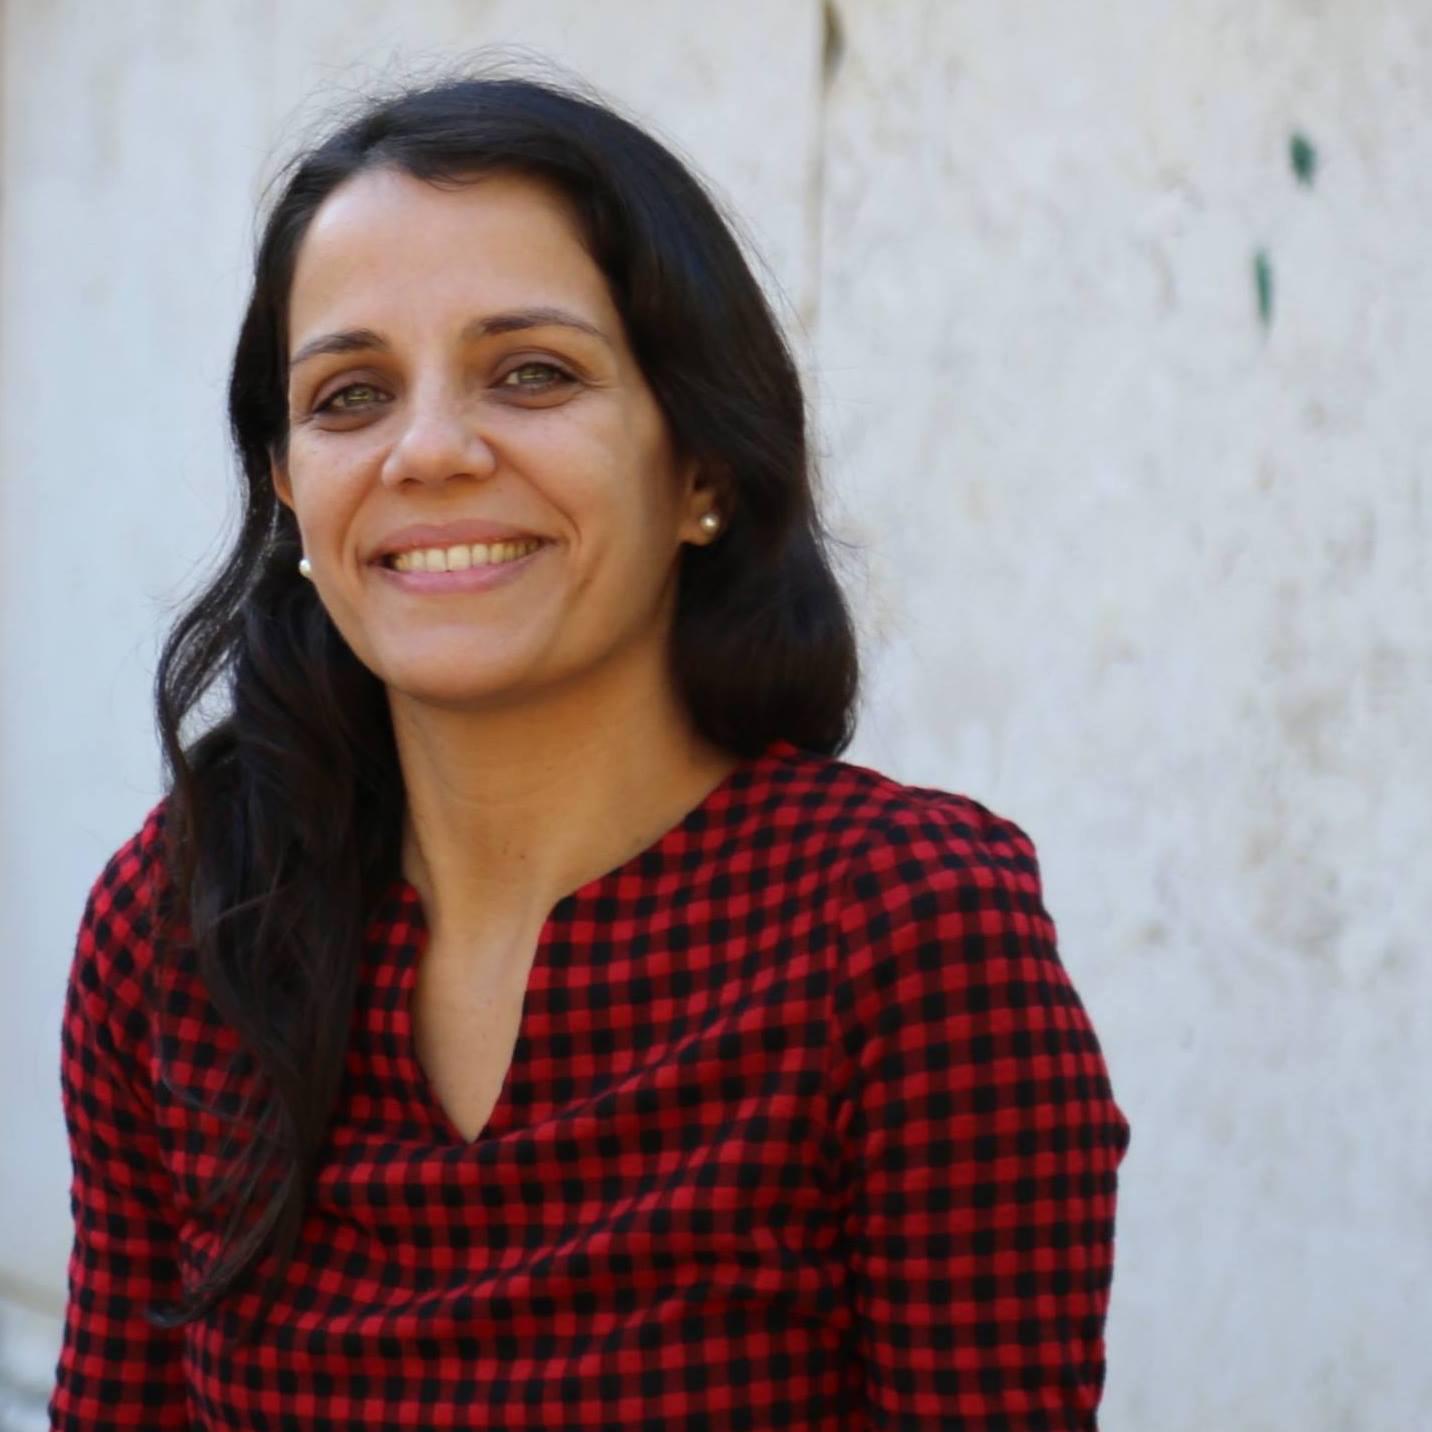 Diana Soeiro, coordenadora da Casa de Portugal